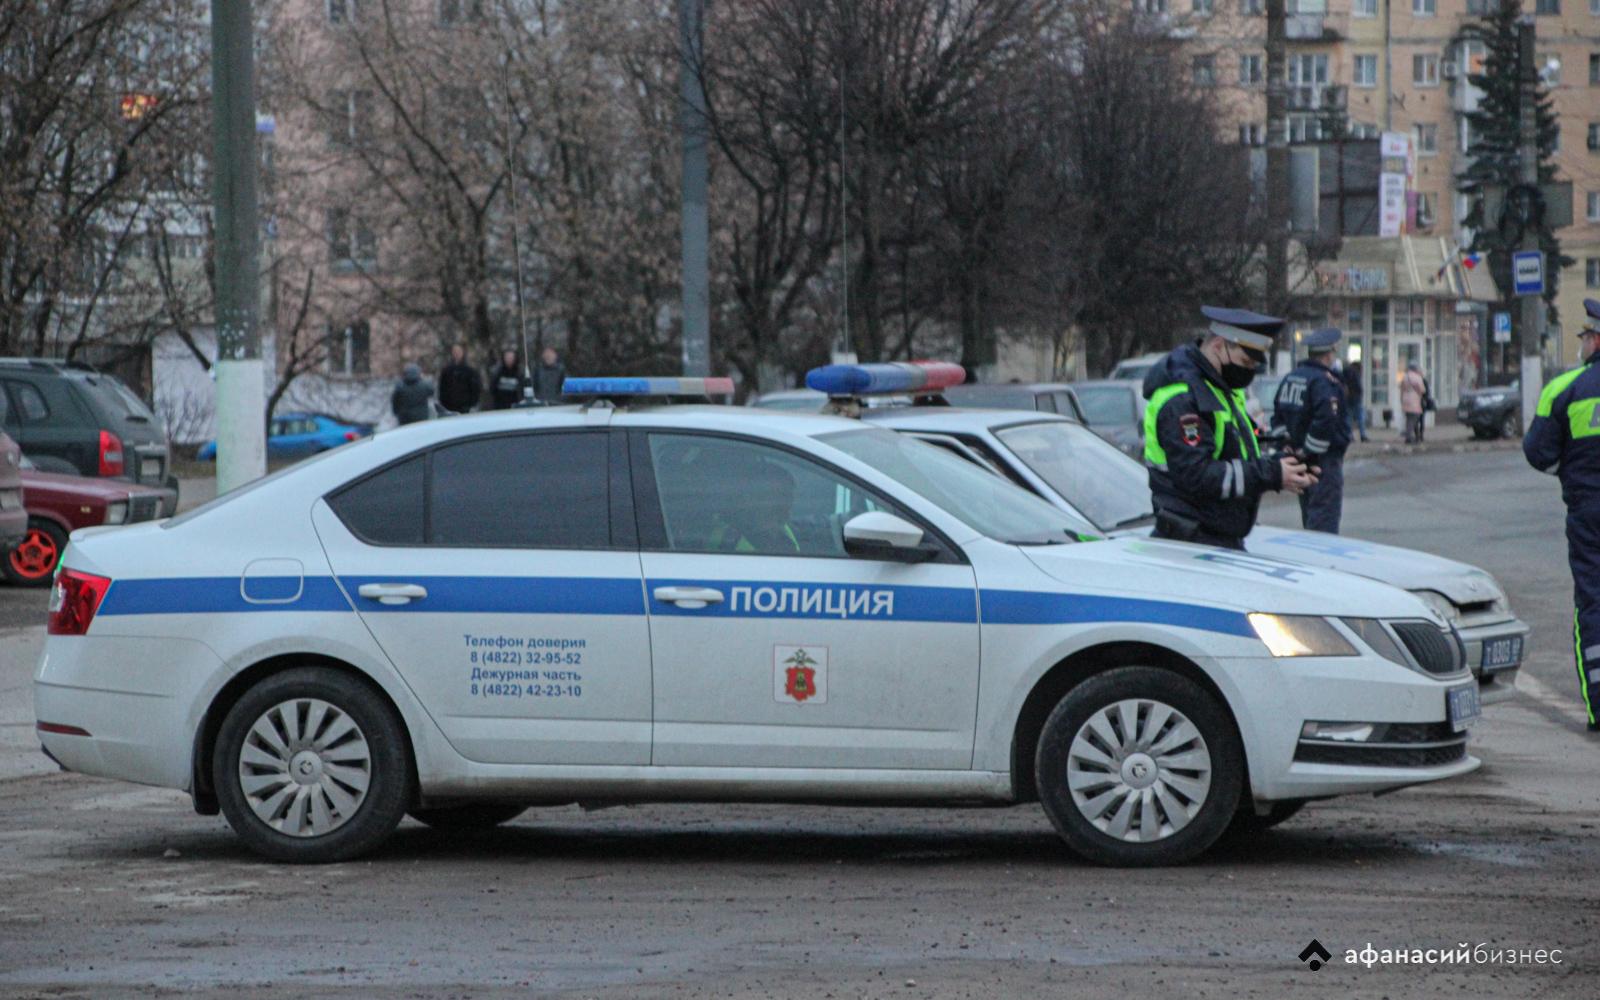 В Твери автоинспекторы остановили 25 водителей с признаками алкогольного и наркотического опьянения